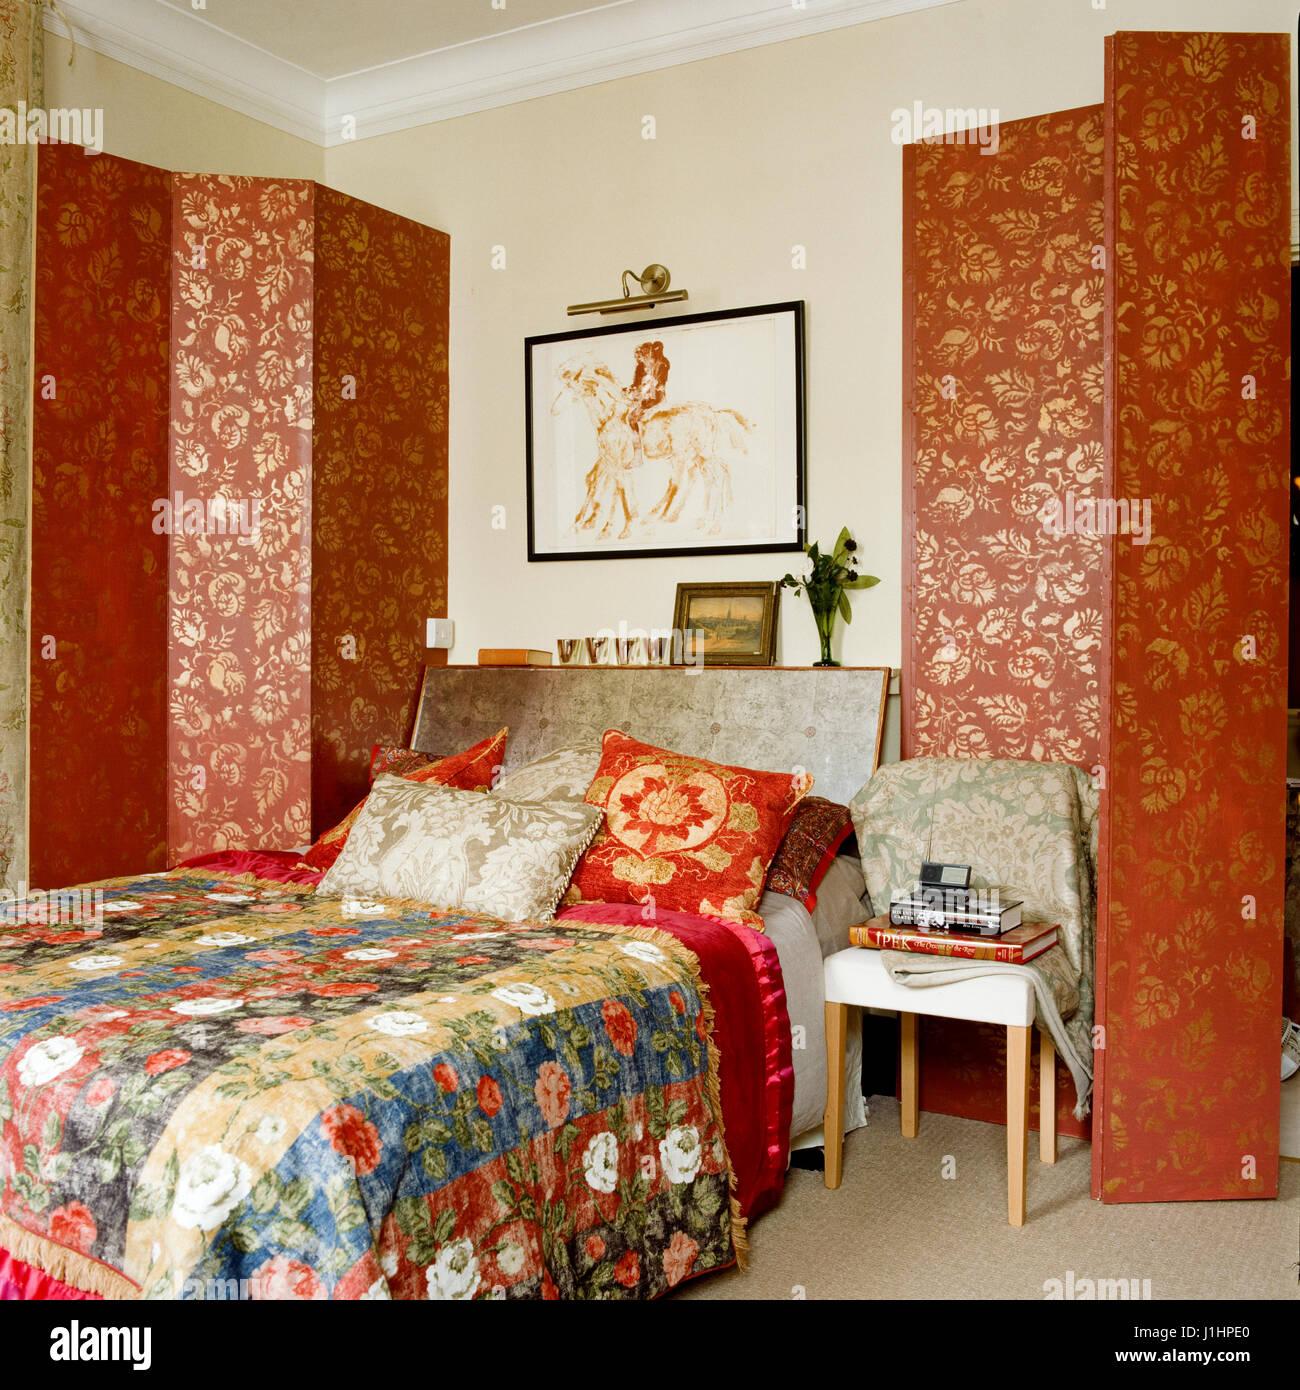 Orientalisches Schlafzimmer Stockfoto, Bild: 138688424 - Alamy